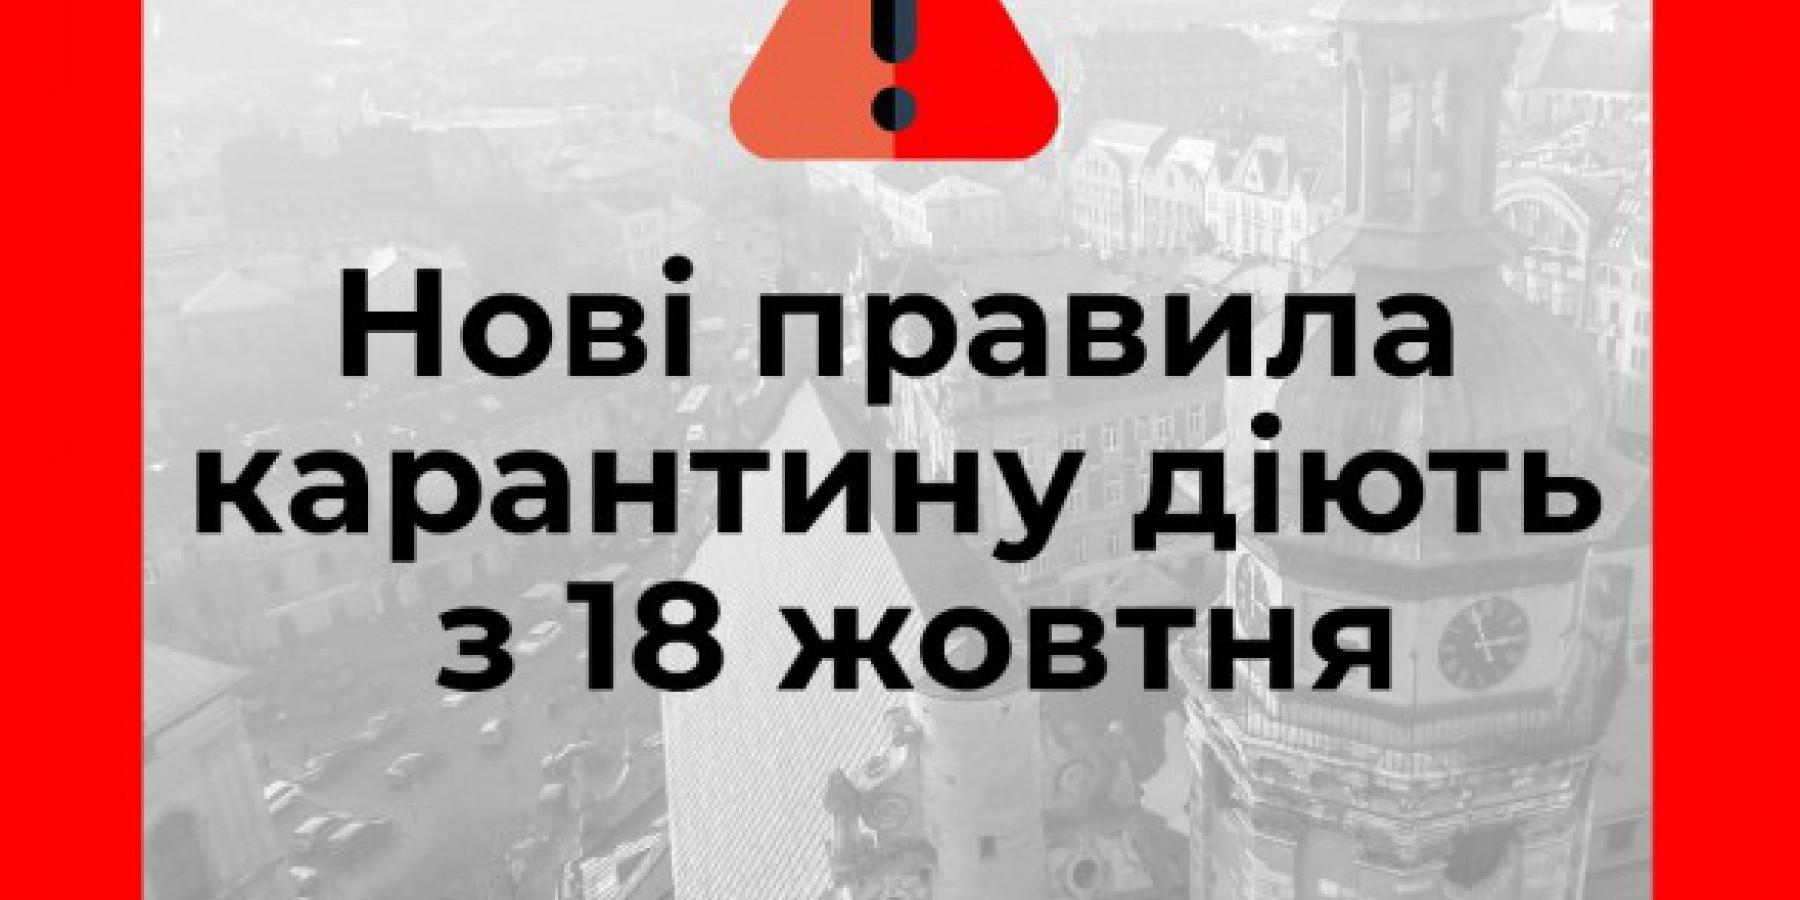 З 18 жовтня на території Львівської області посилено карантинні обмеження.